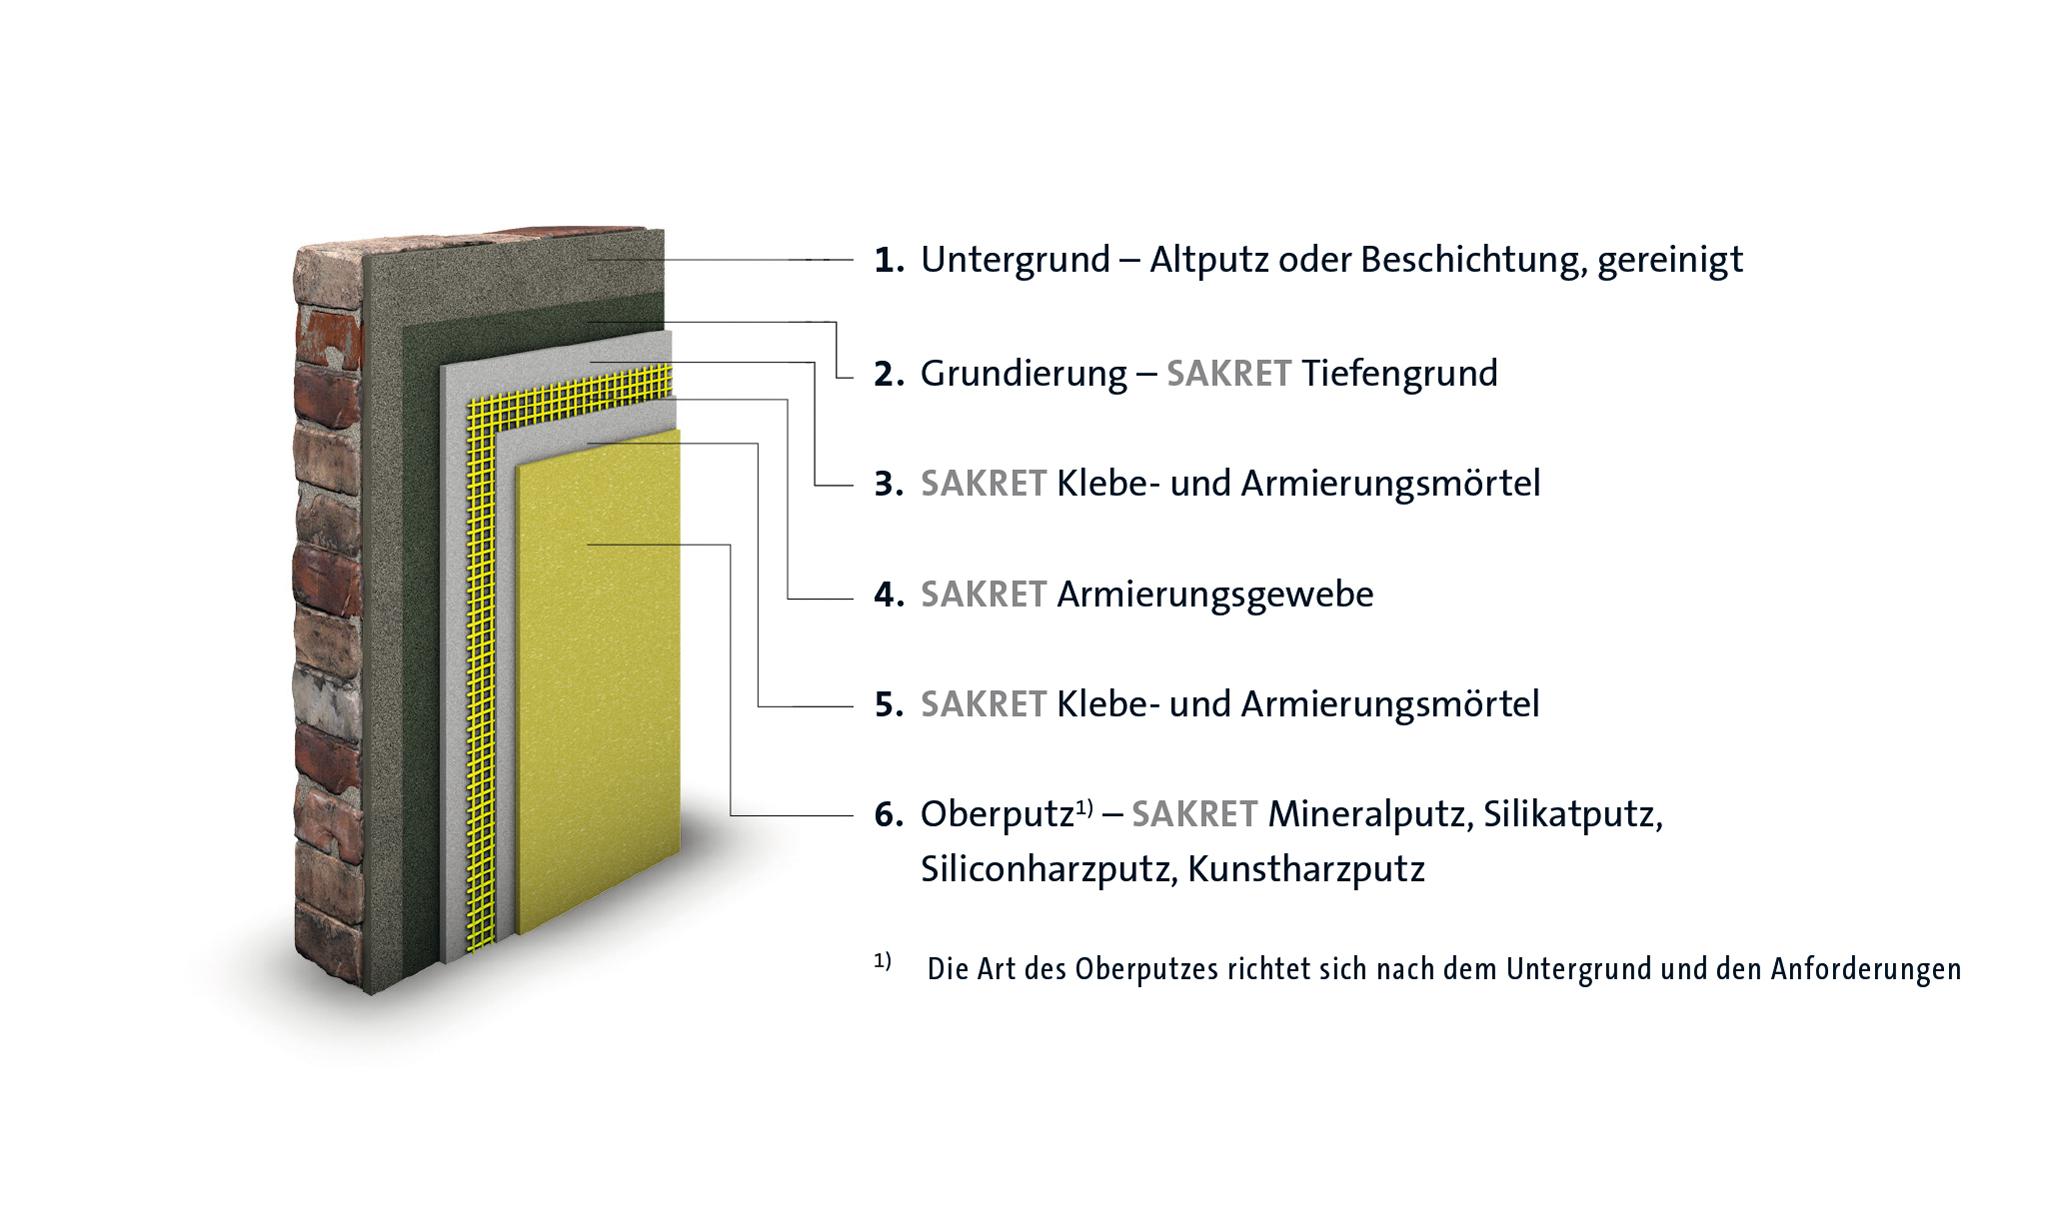 SAKRET Referenz Systemaufbau Putzrenovierung 6 Schichten